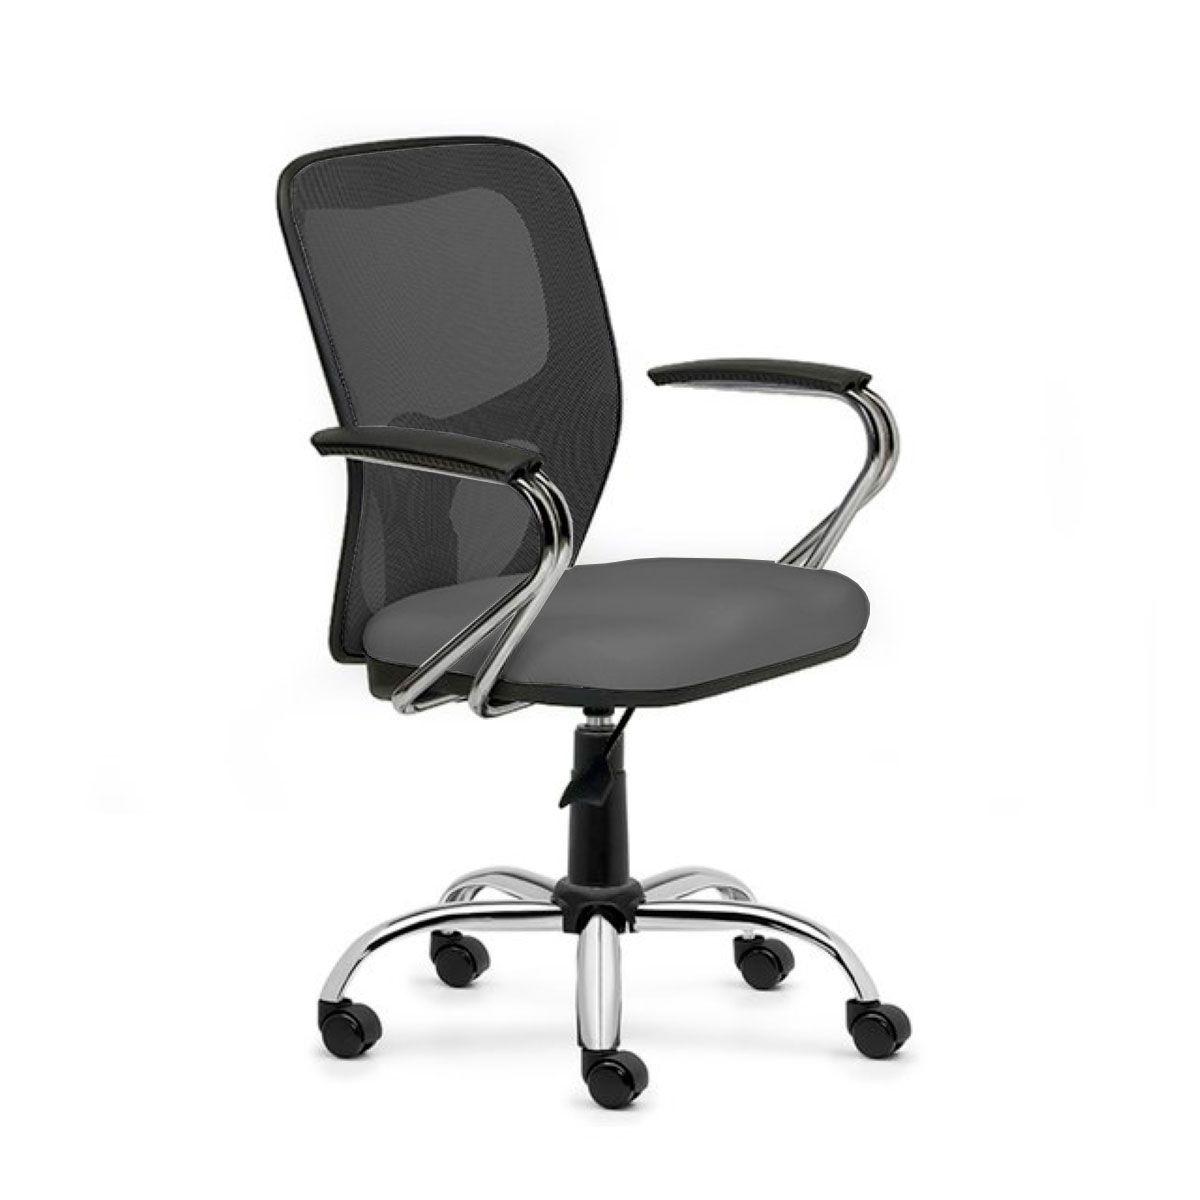 Cadeira de escritório AMITI secretária giratória base metálica cromada assento em corino PU